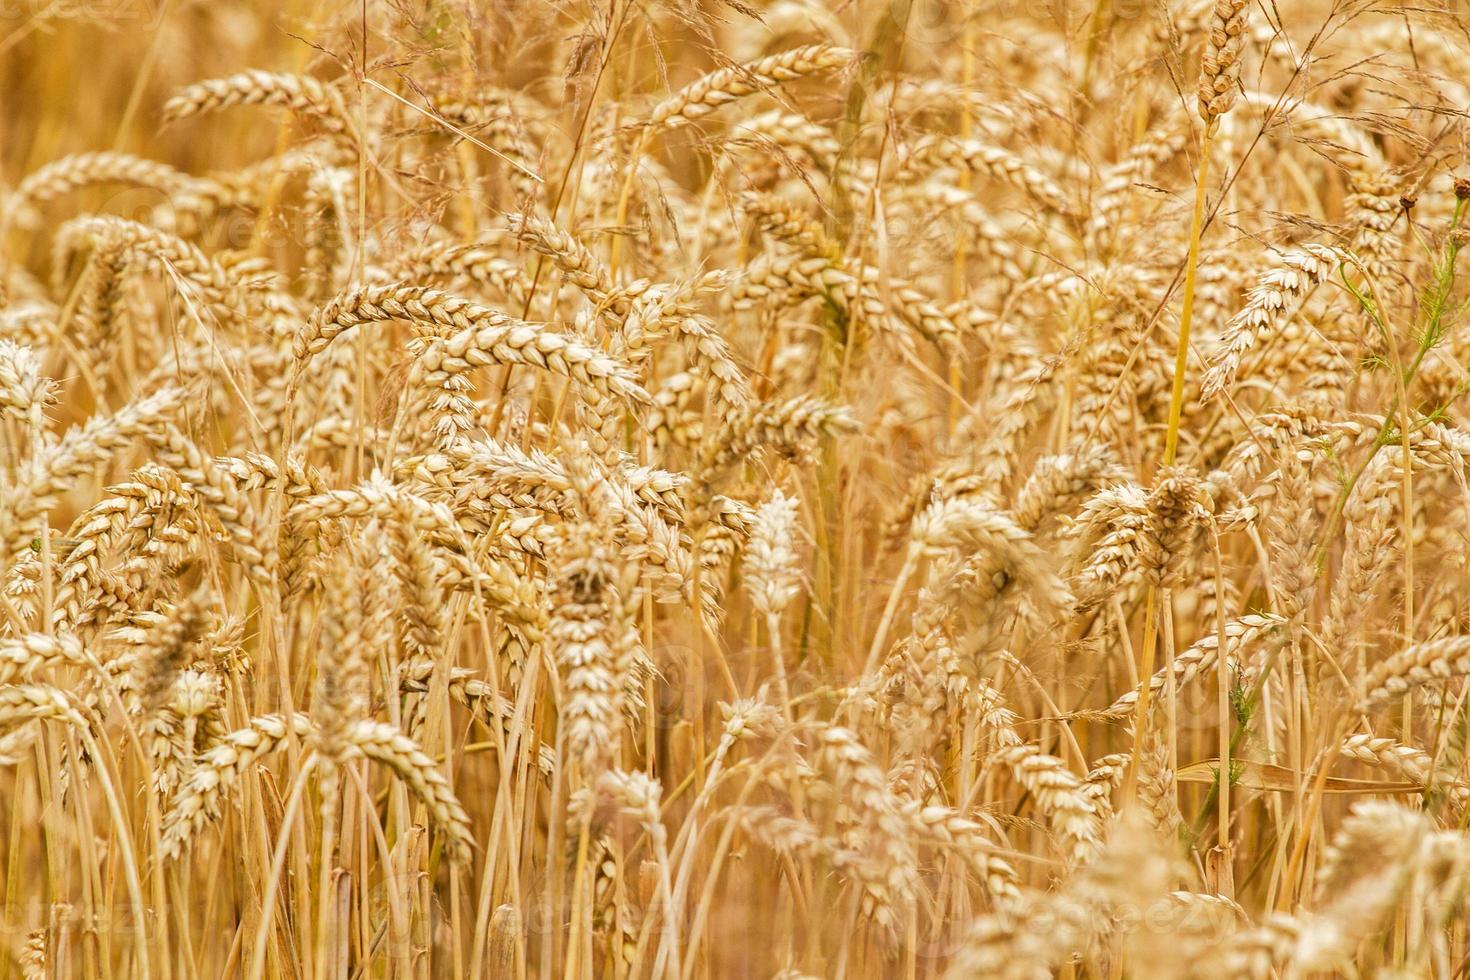 primo piano del giacimento di grano come fondo della natura foto